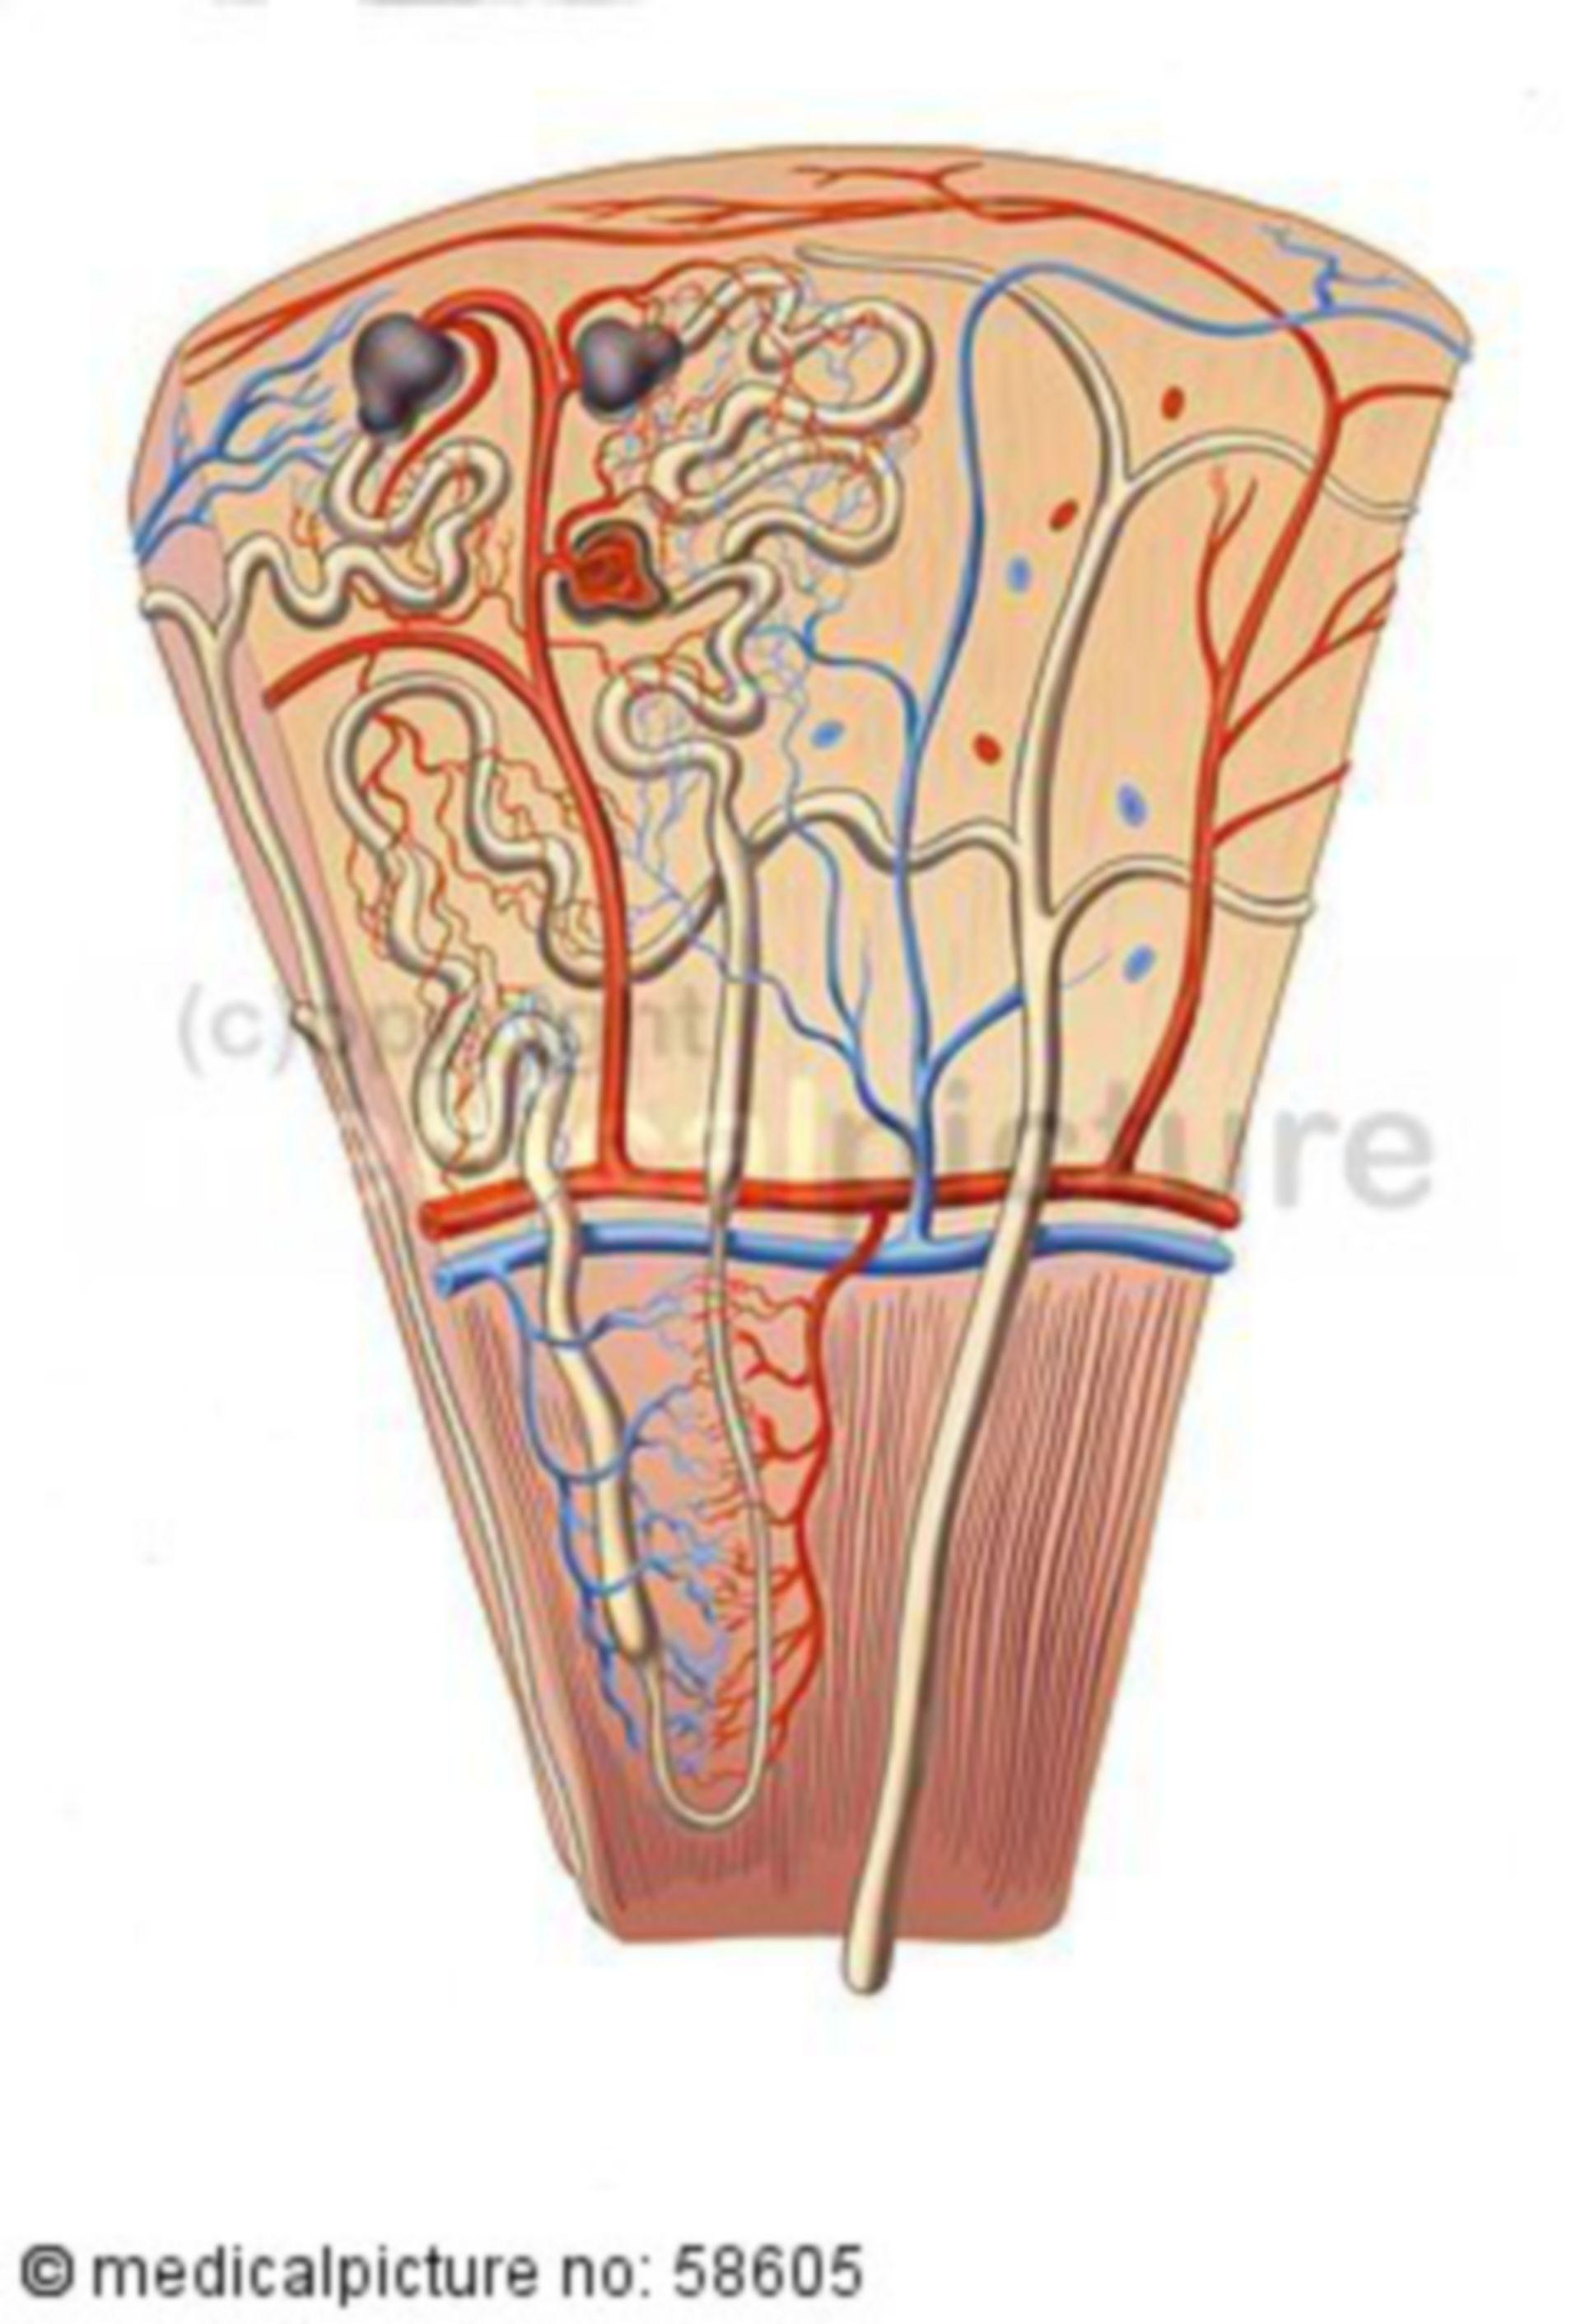 Nierenrinde mit Nierenkörperchen